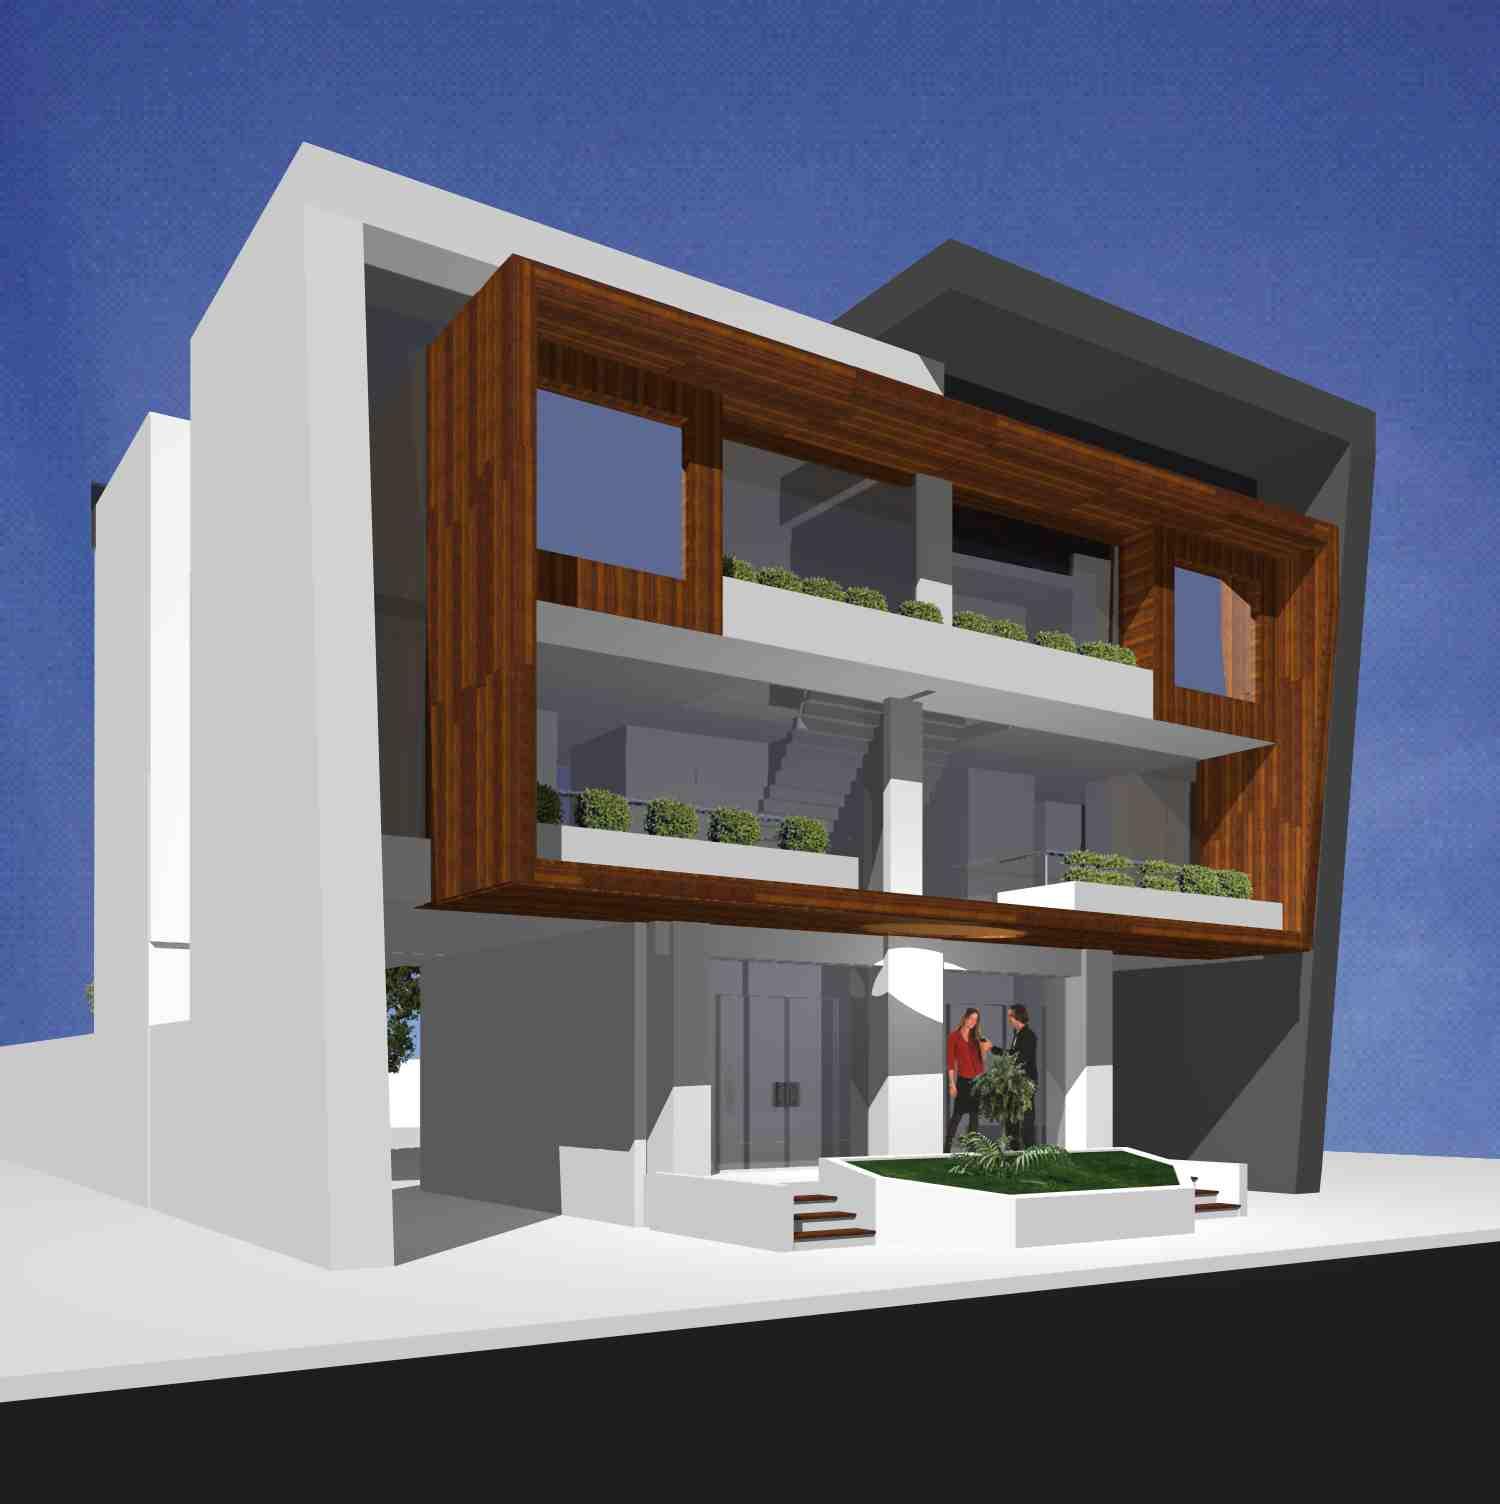 Auben estudio de arquitectura y constructora edificio - Estudio de arquitectos ...